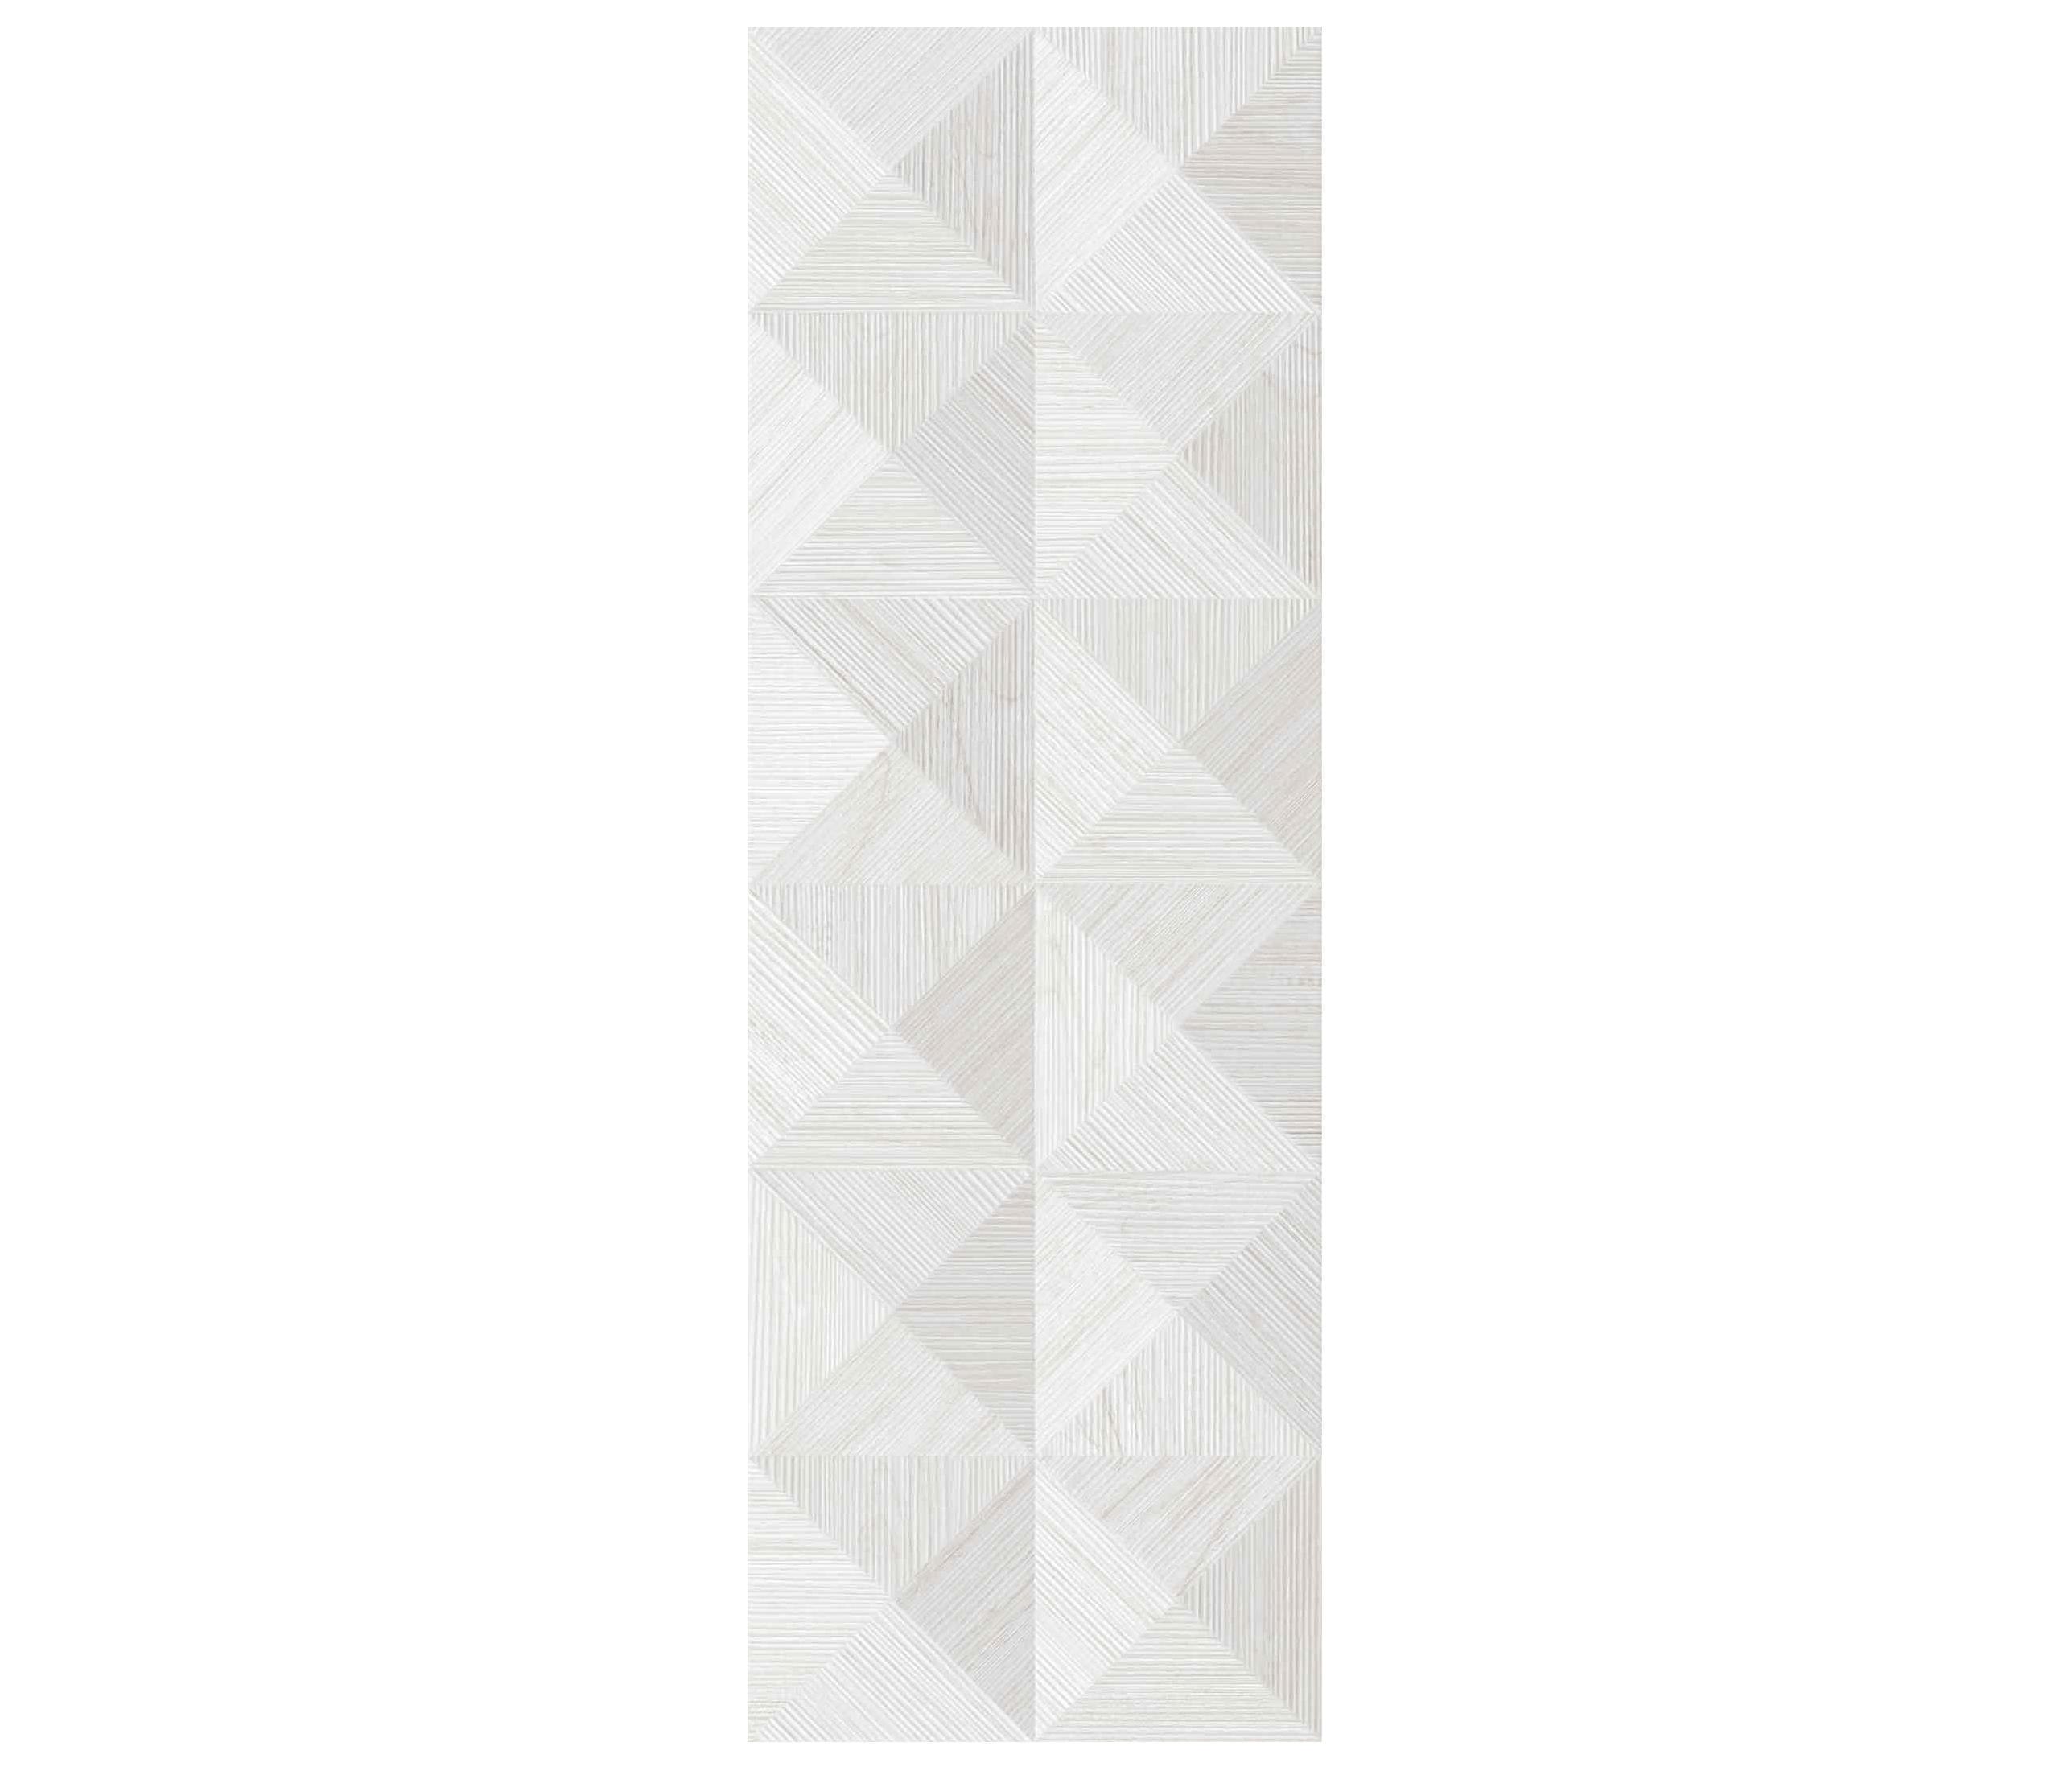 Bokna Blanco Ceramic Tiles From Vives Cermica Architonic